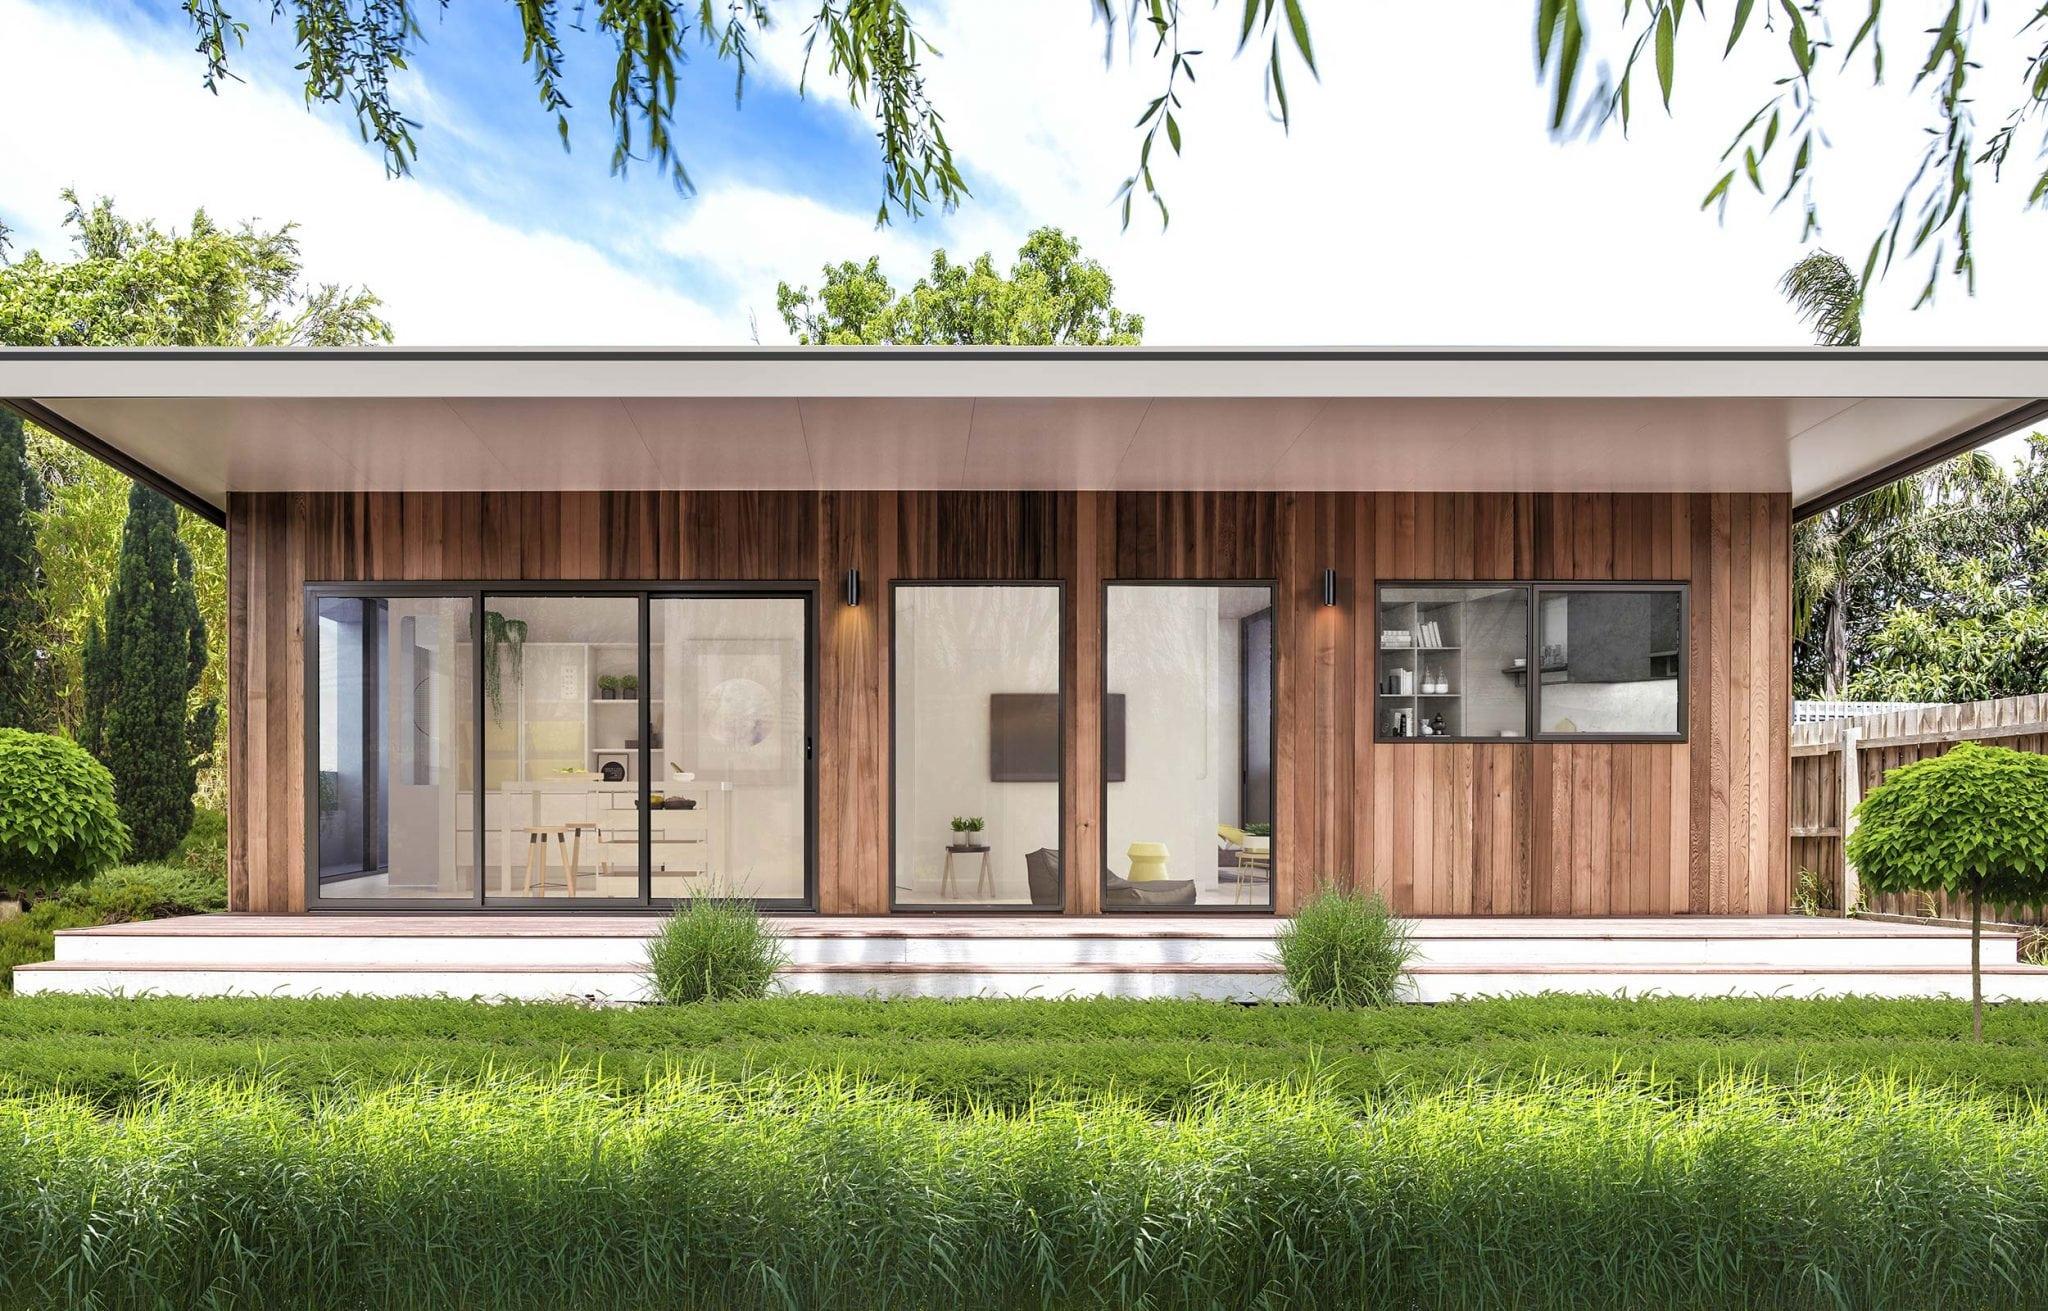 Garden Studios Home